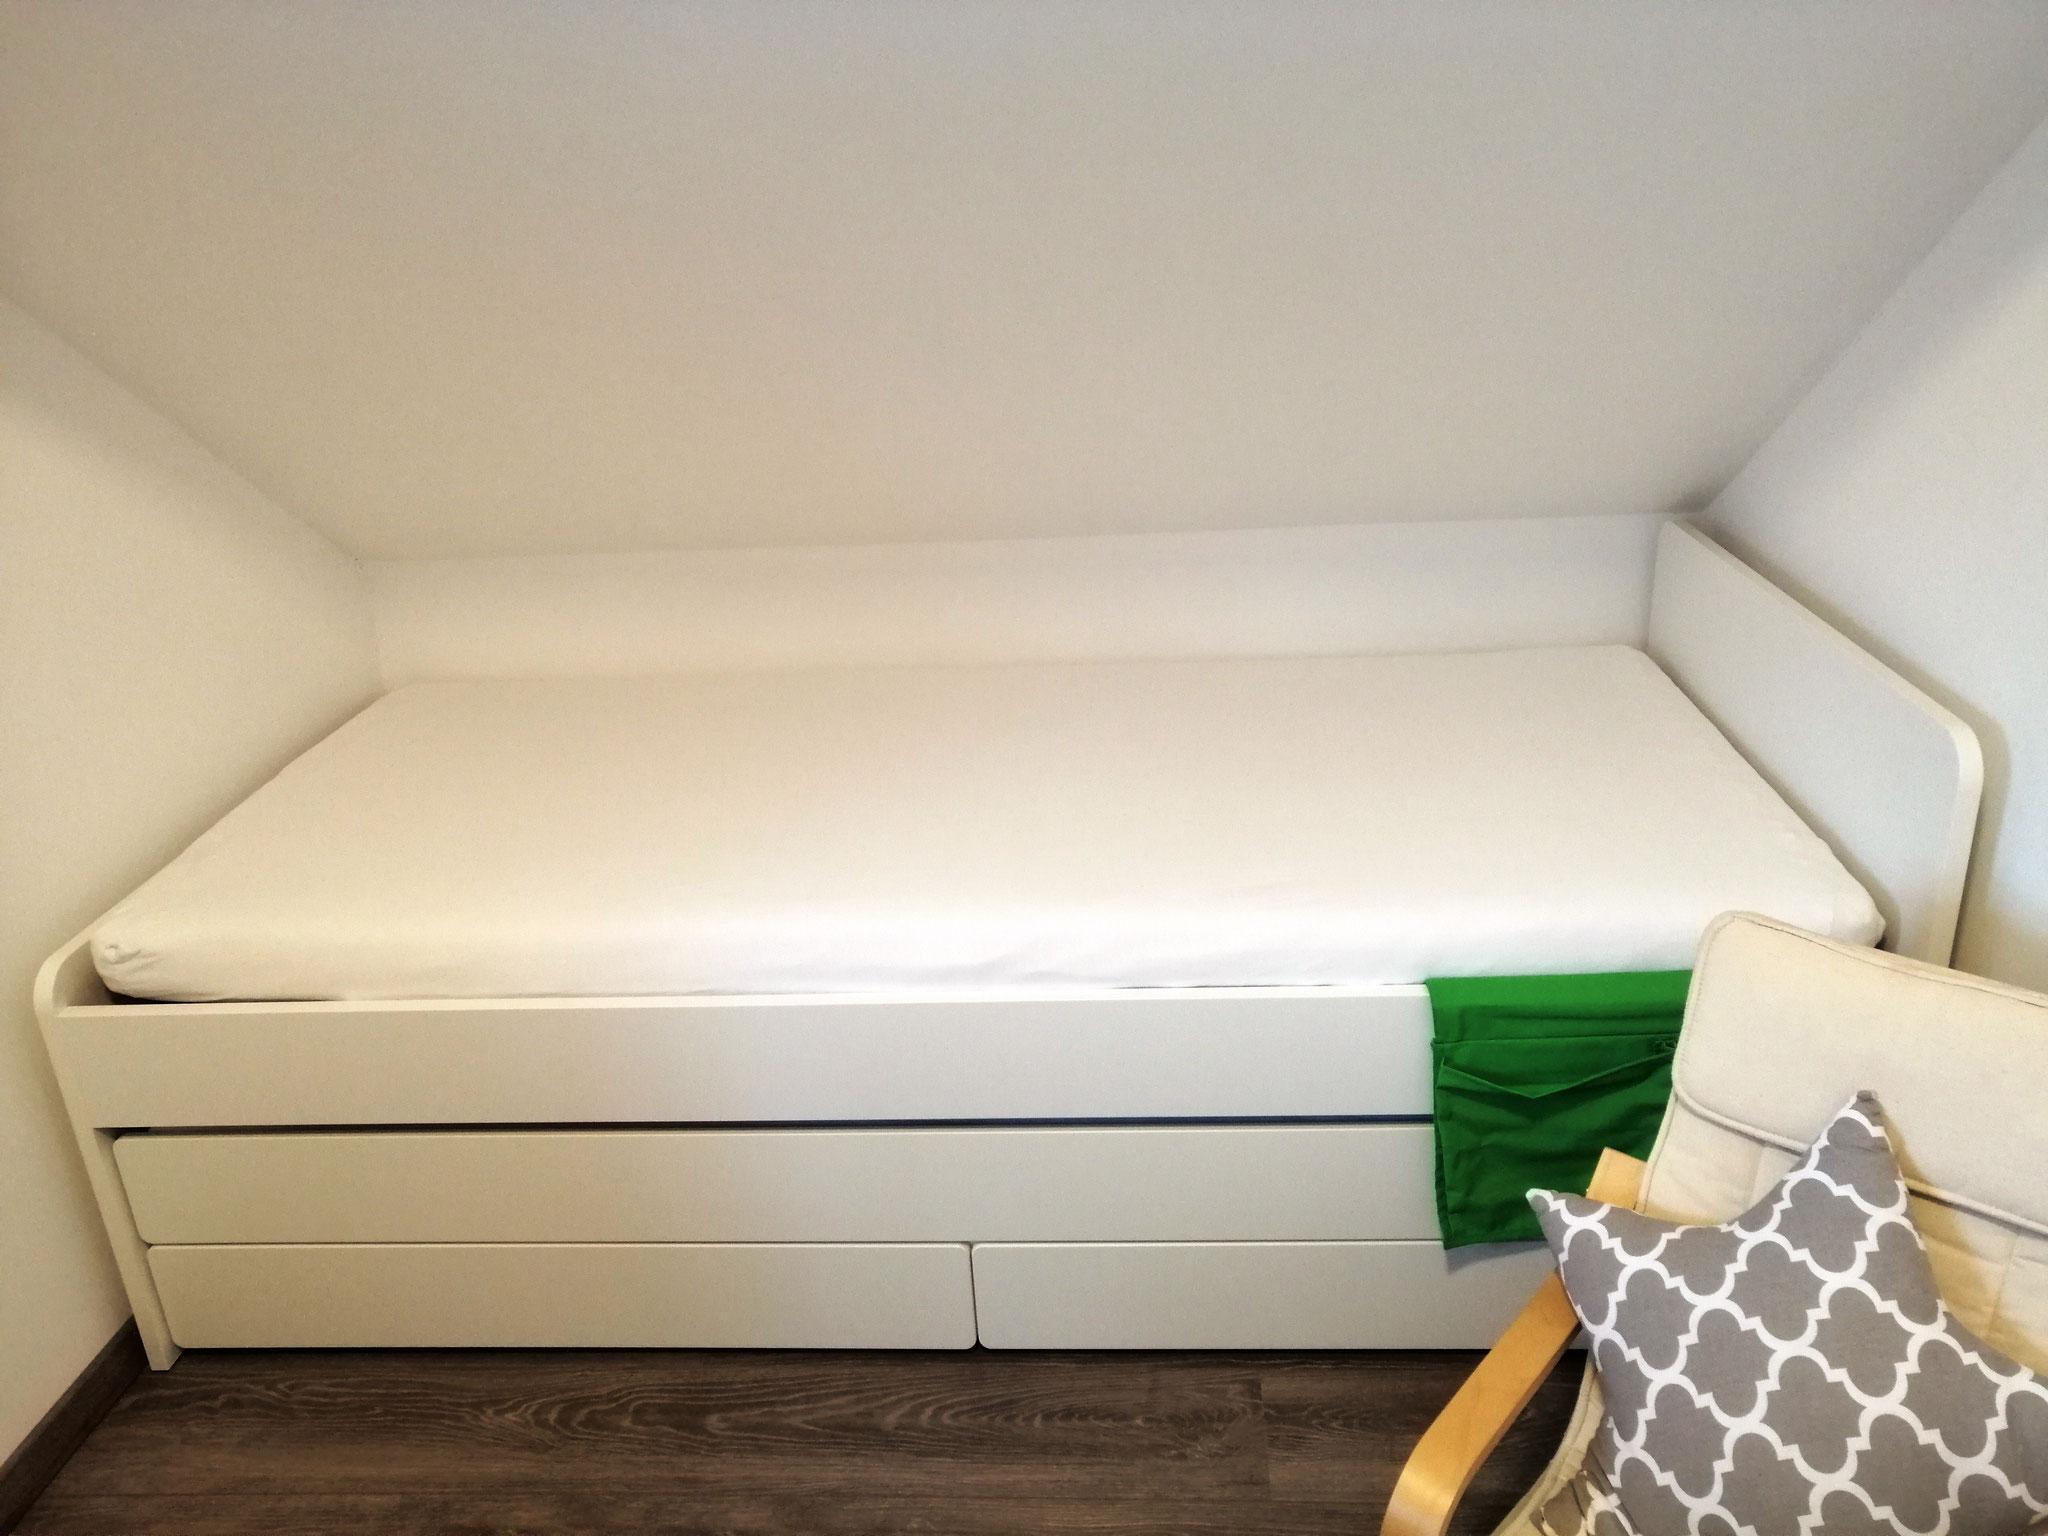 2. Bett mit Schubladen und vollwertigem Ausziehbett ©KnallerbsenHof